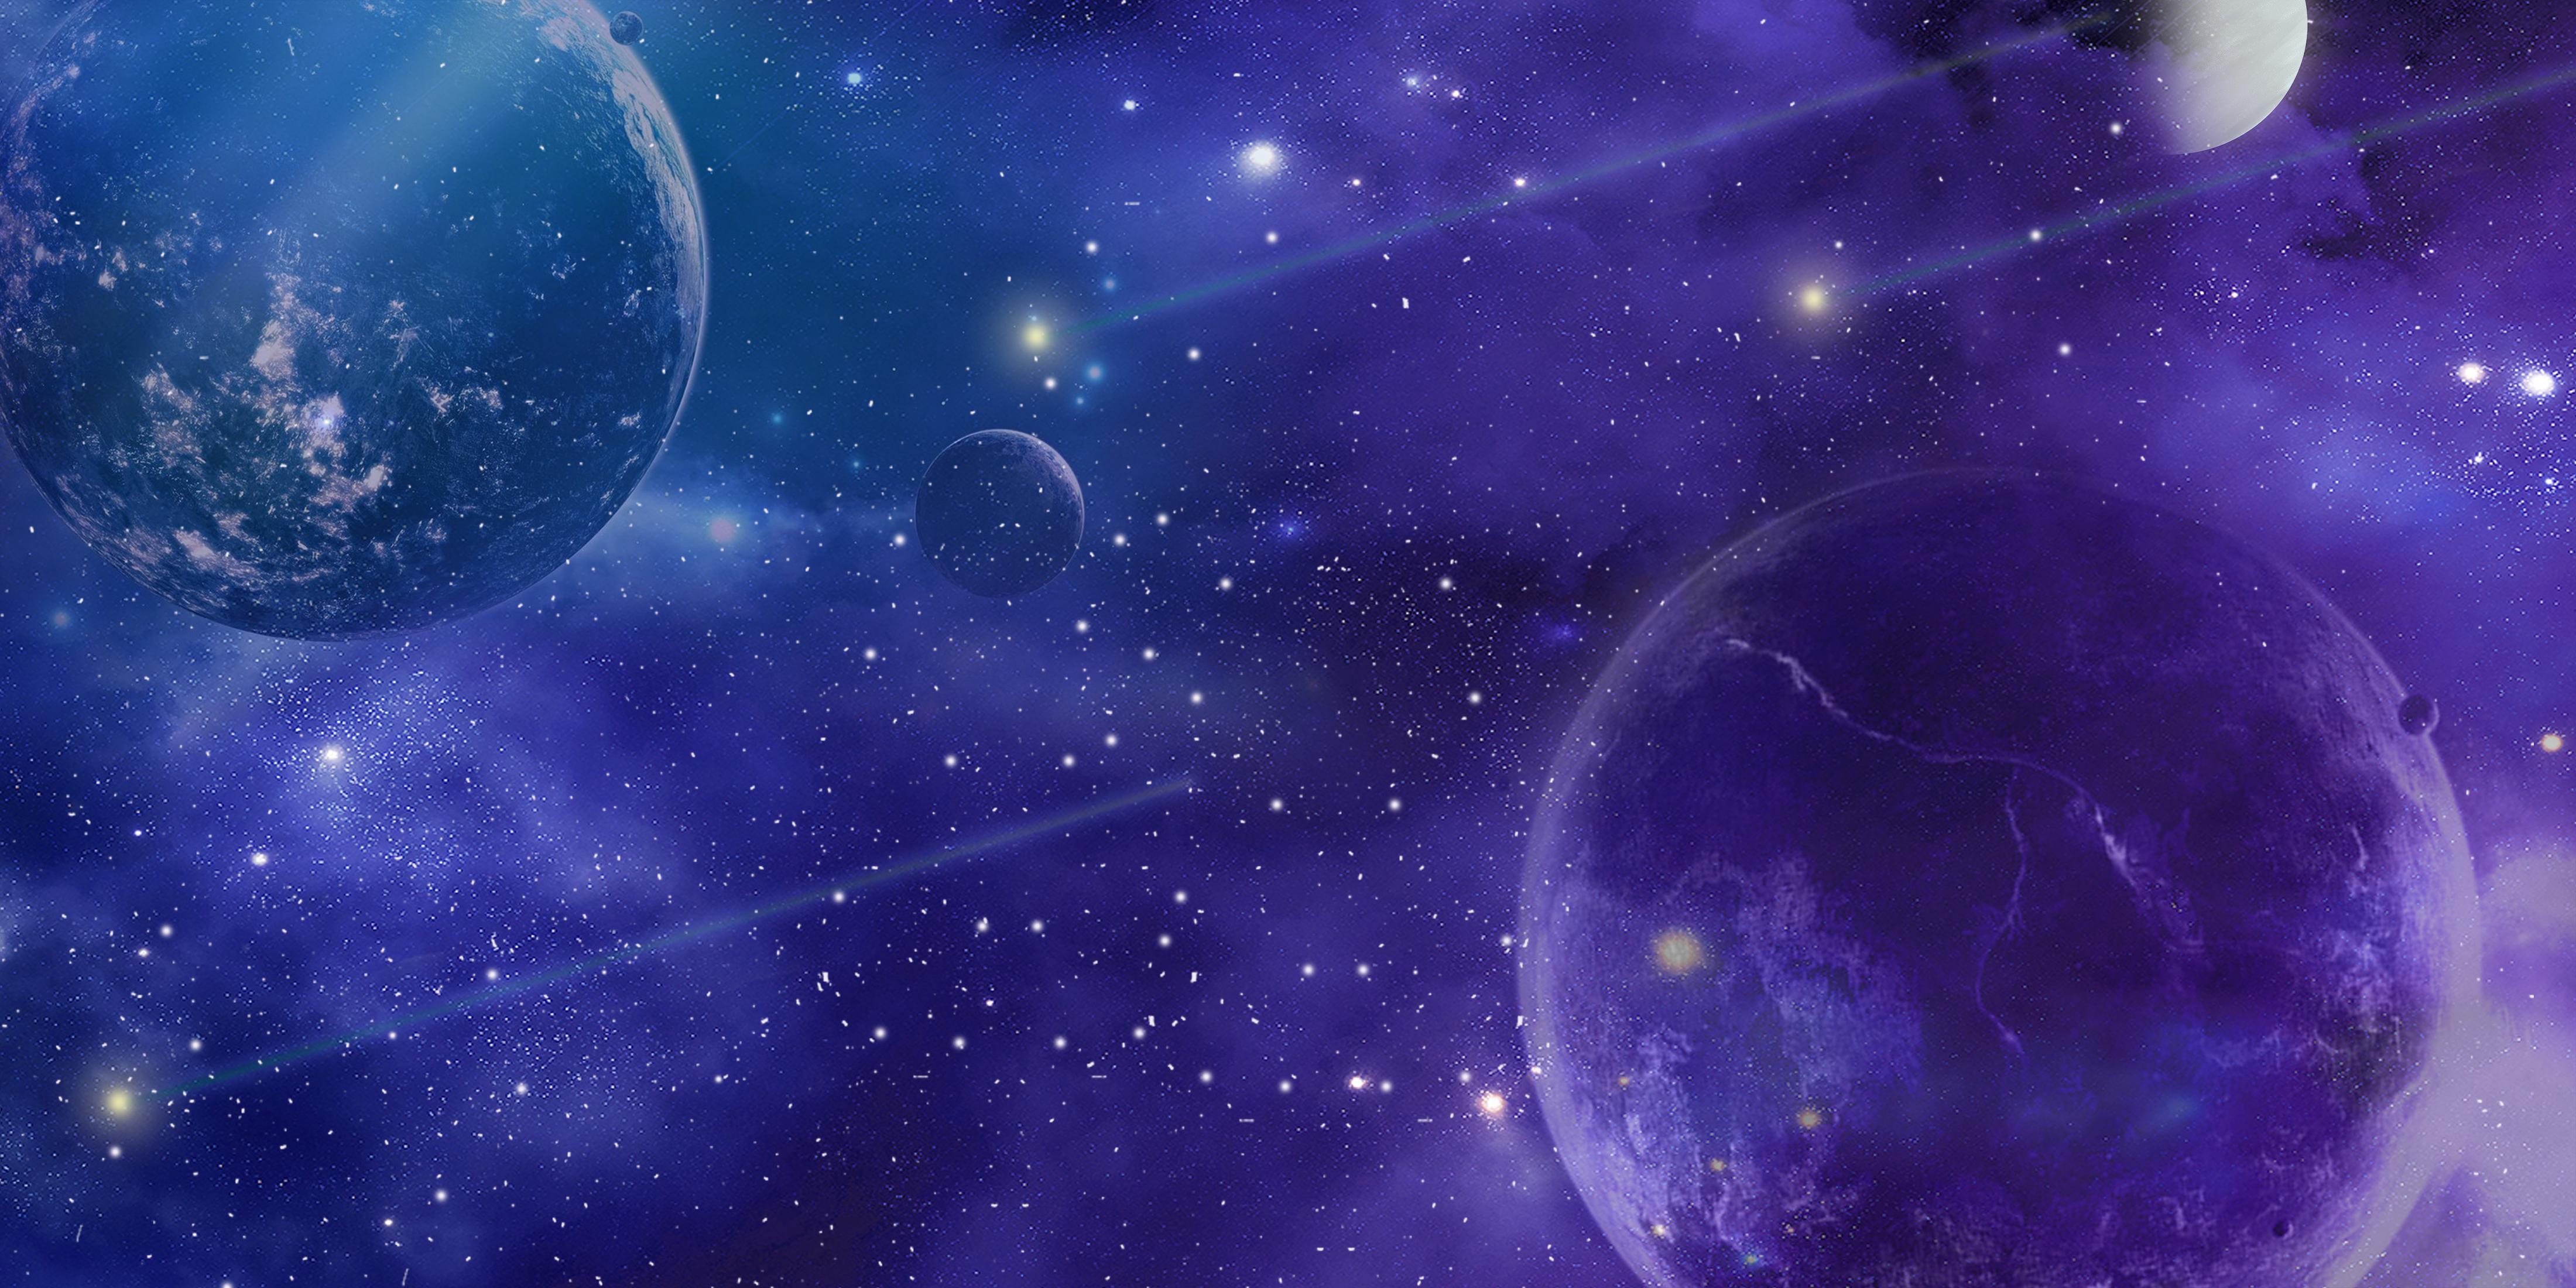 七品小編:多麼小的地球~超超超小